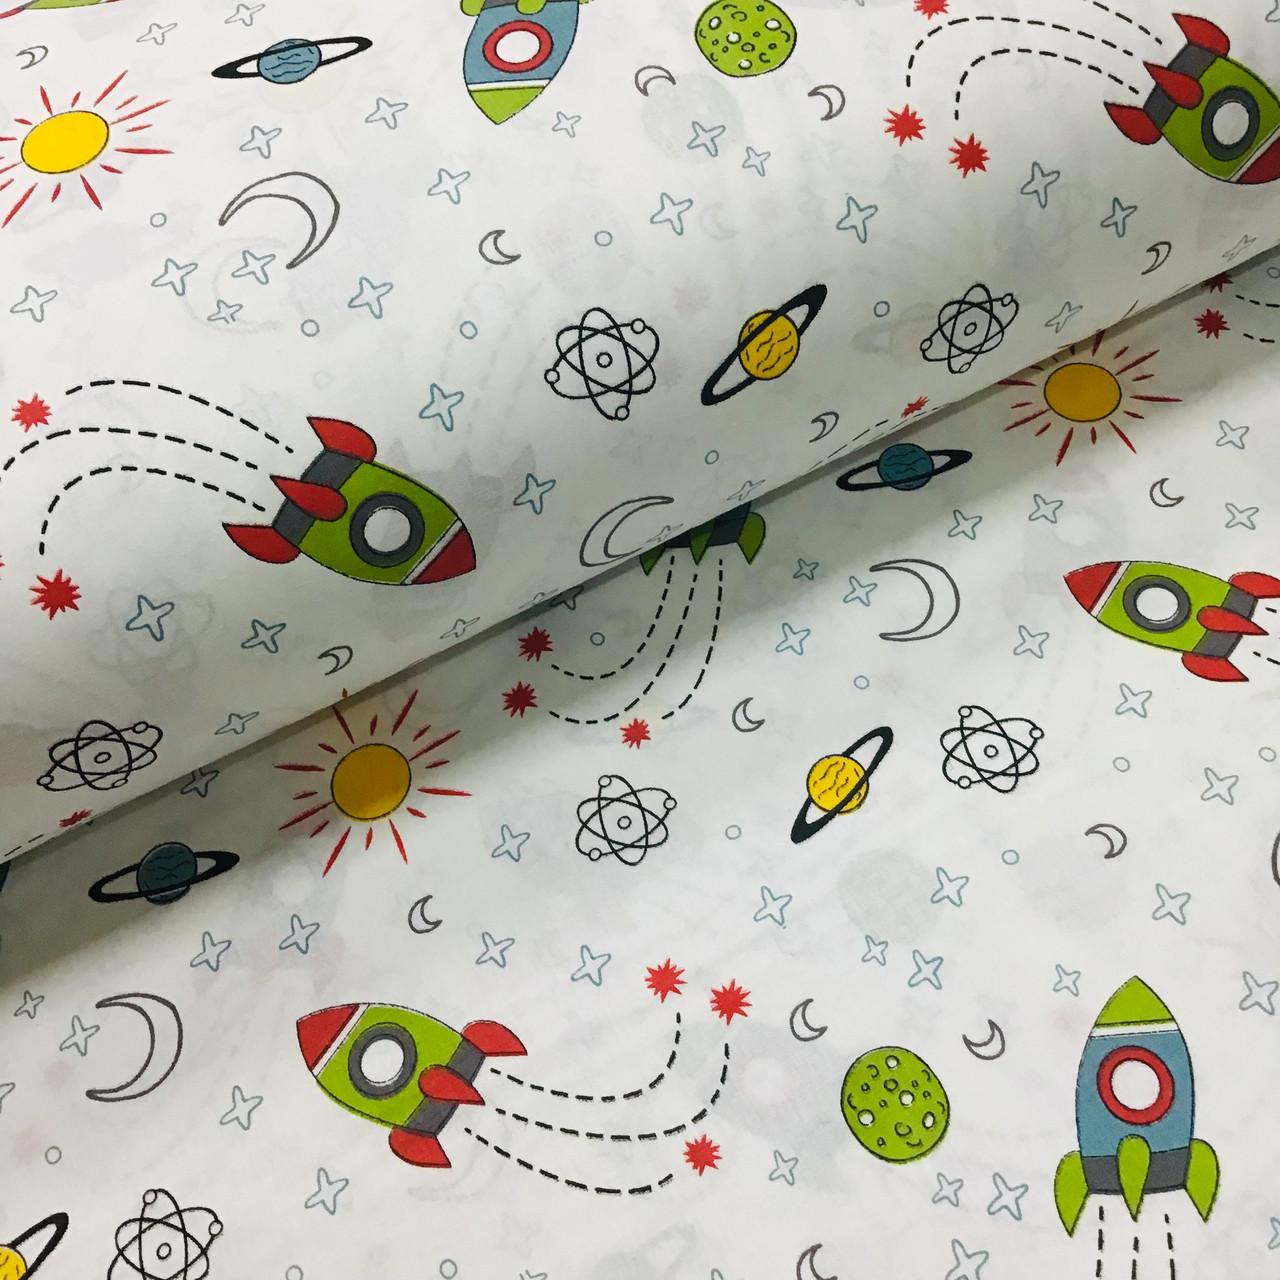 Ткань поплин ракеты зеленые с солнышком на белом (ТУРЦИЯ шир. 2,4 м) №32-172